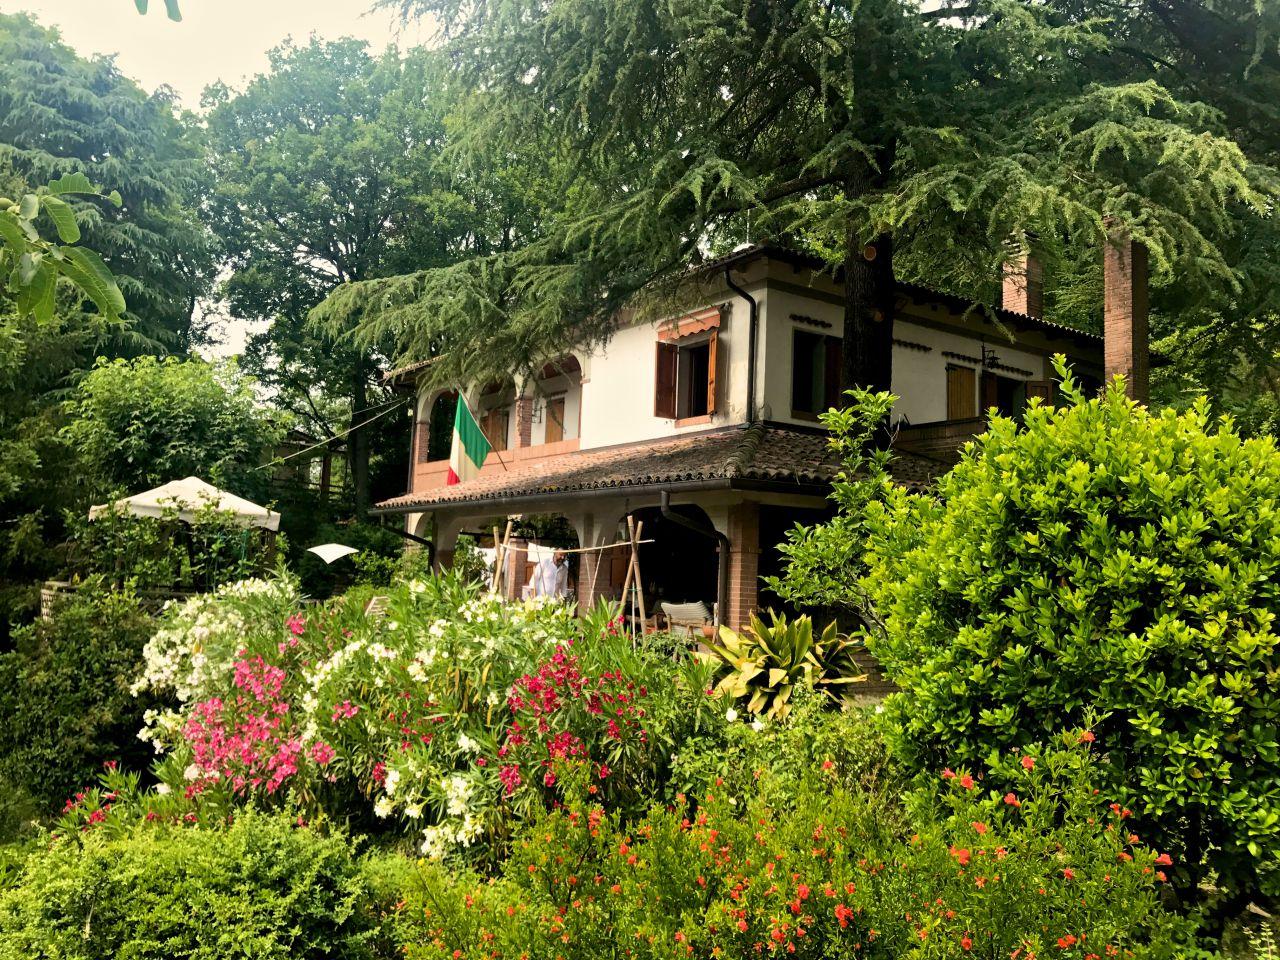 Villa in vendita a Sasso Marconi, 9 locali, prezzo € 450.000 | CambioCasa.it